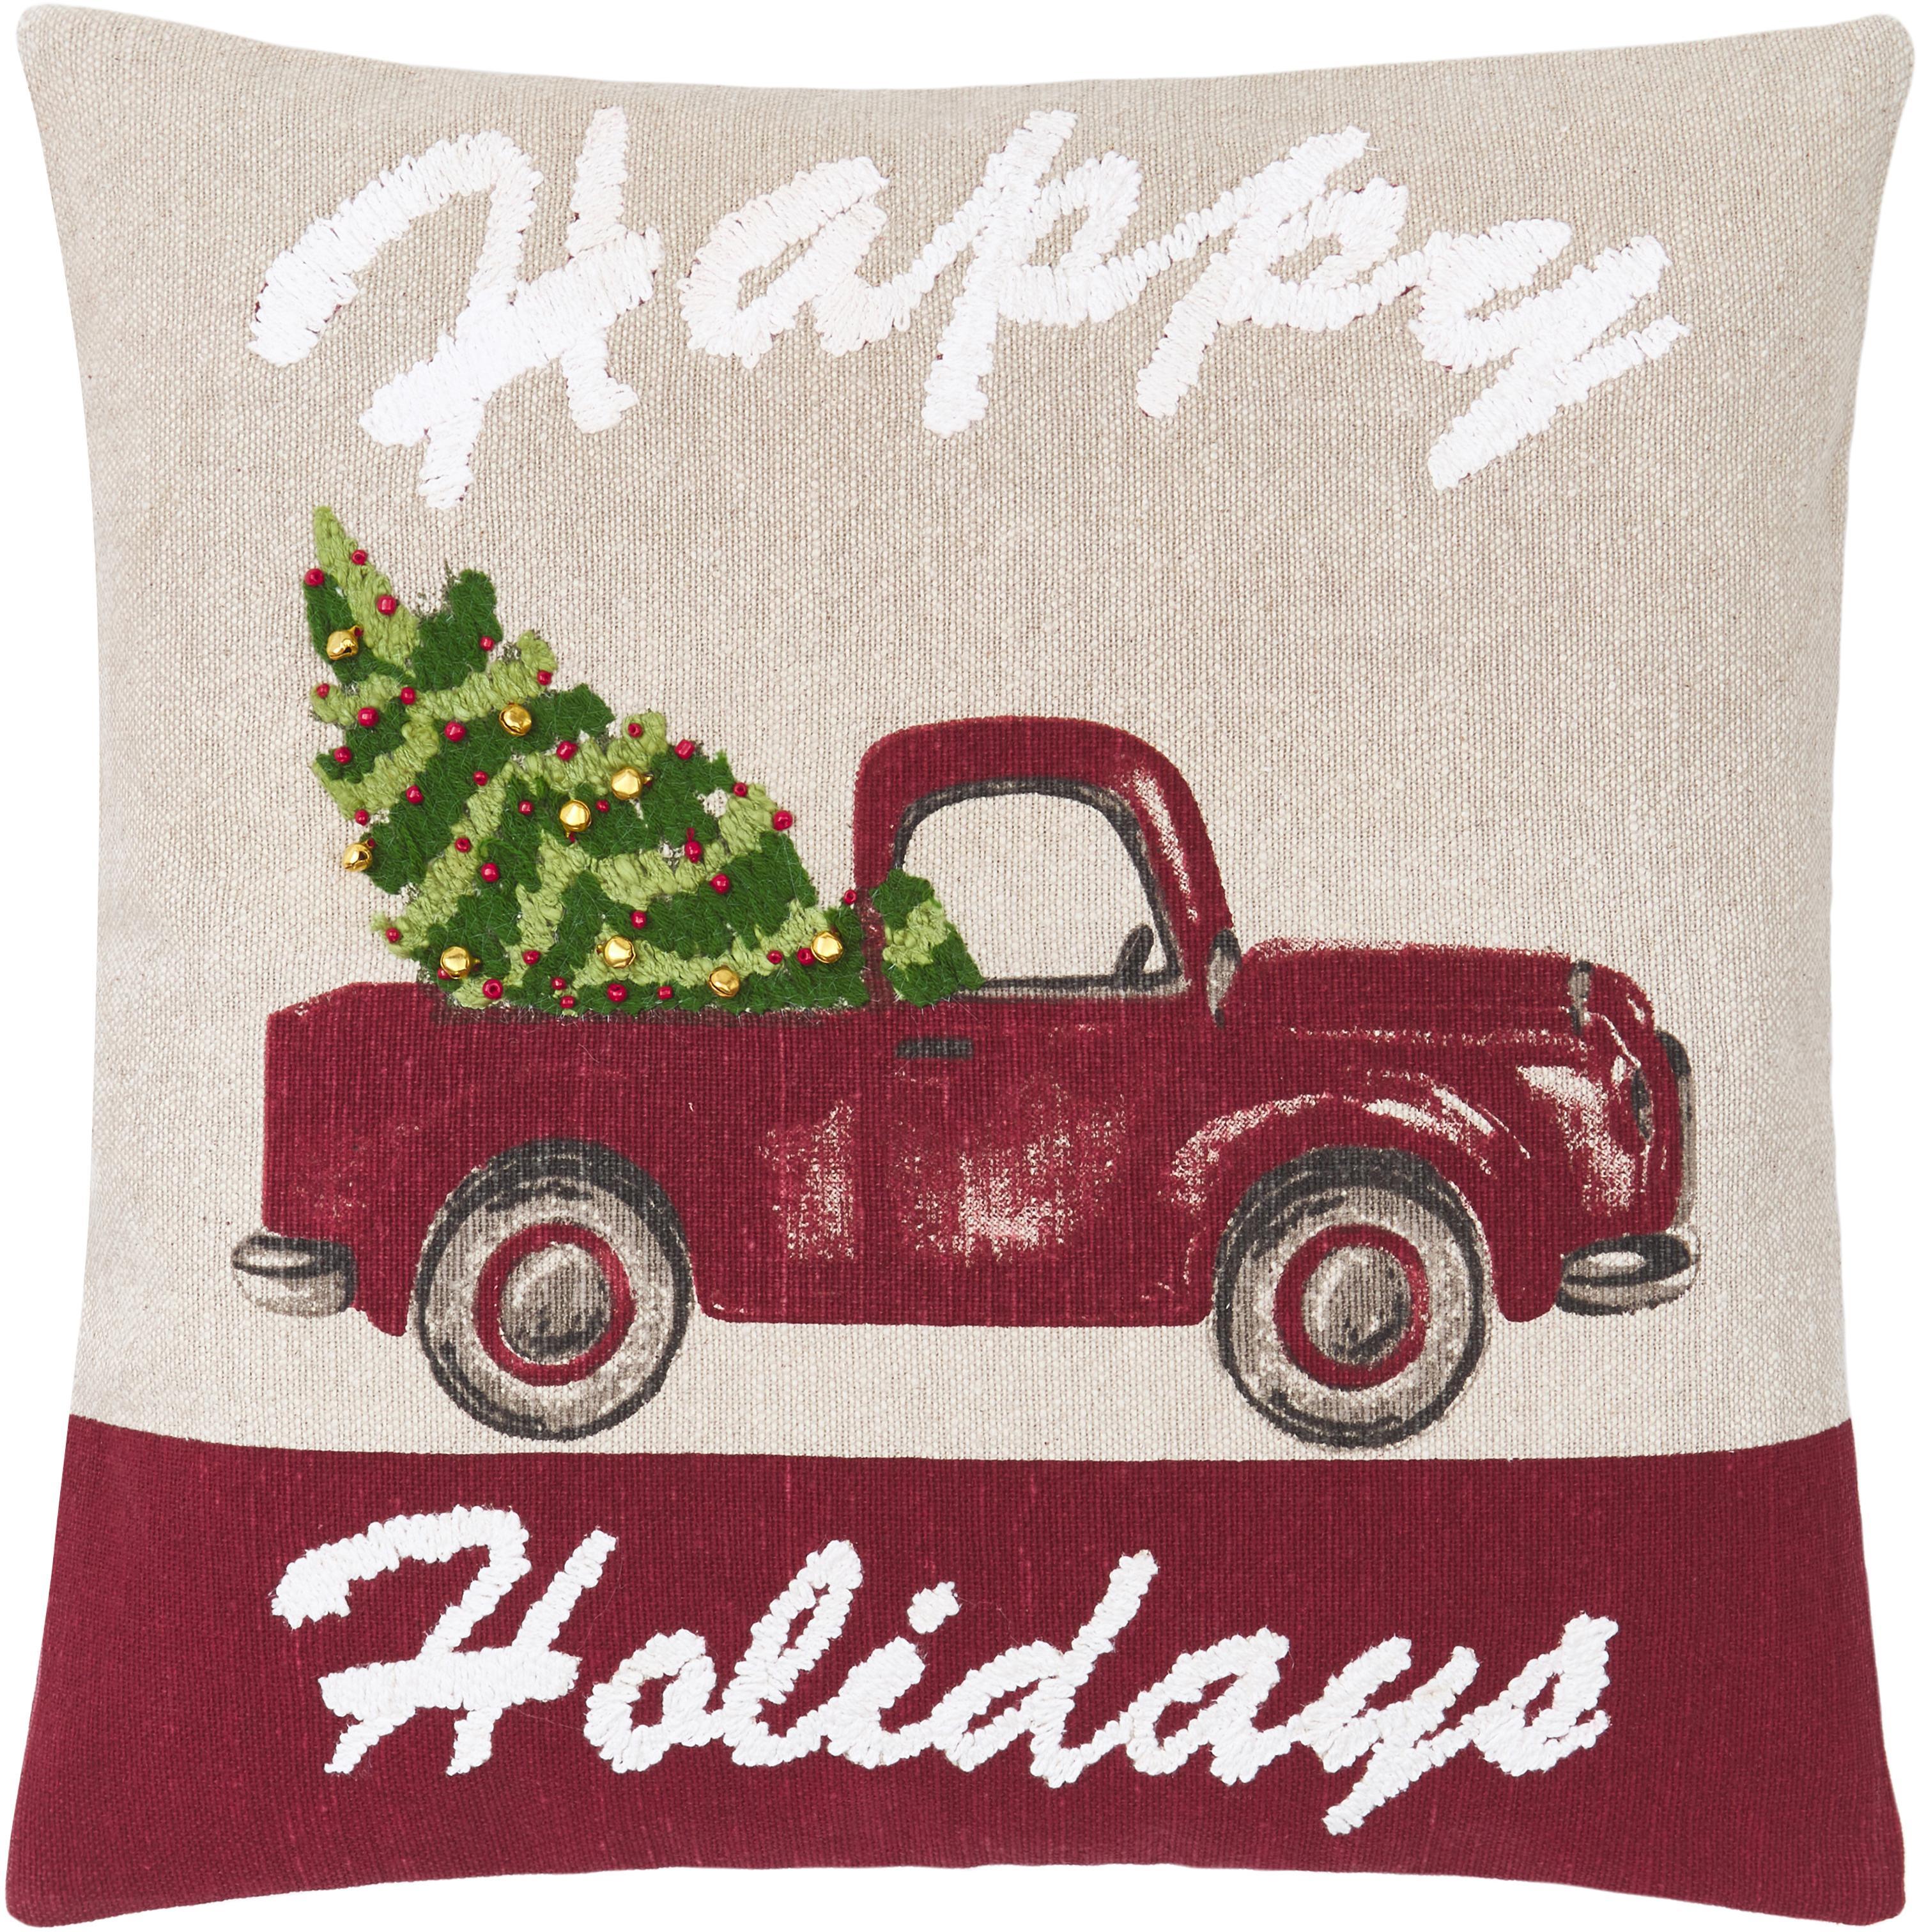 Kussenhoes Happy Holidays met fijne geborduurde details, 100% katoen, Beige, rood, groen, 45 x 45 cm